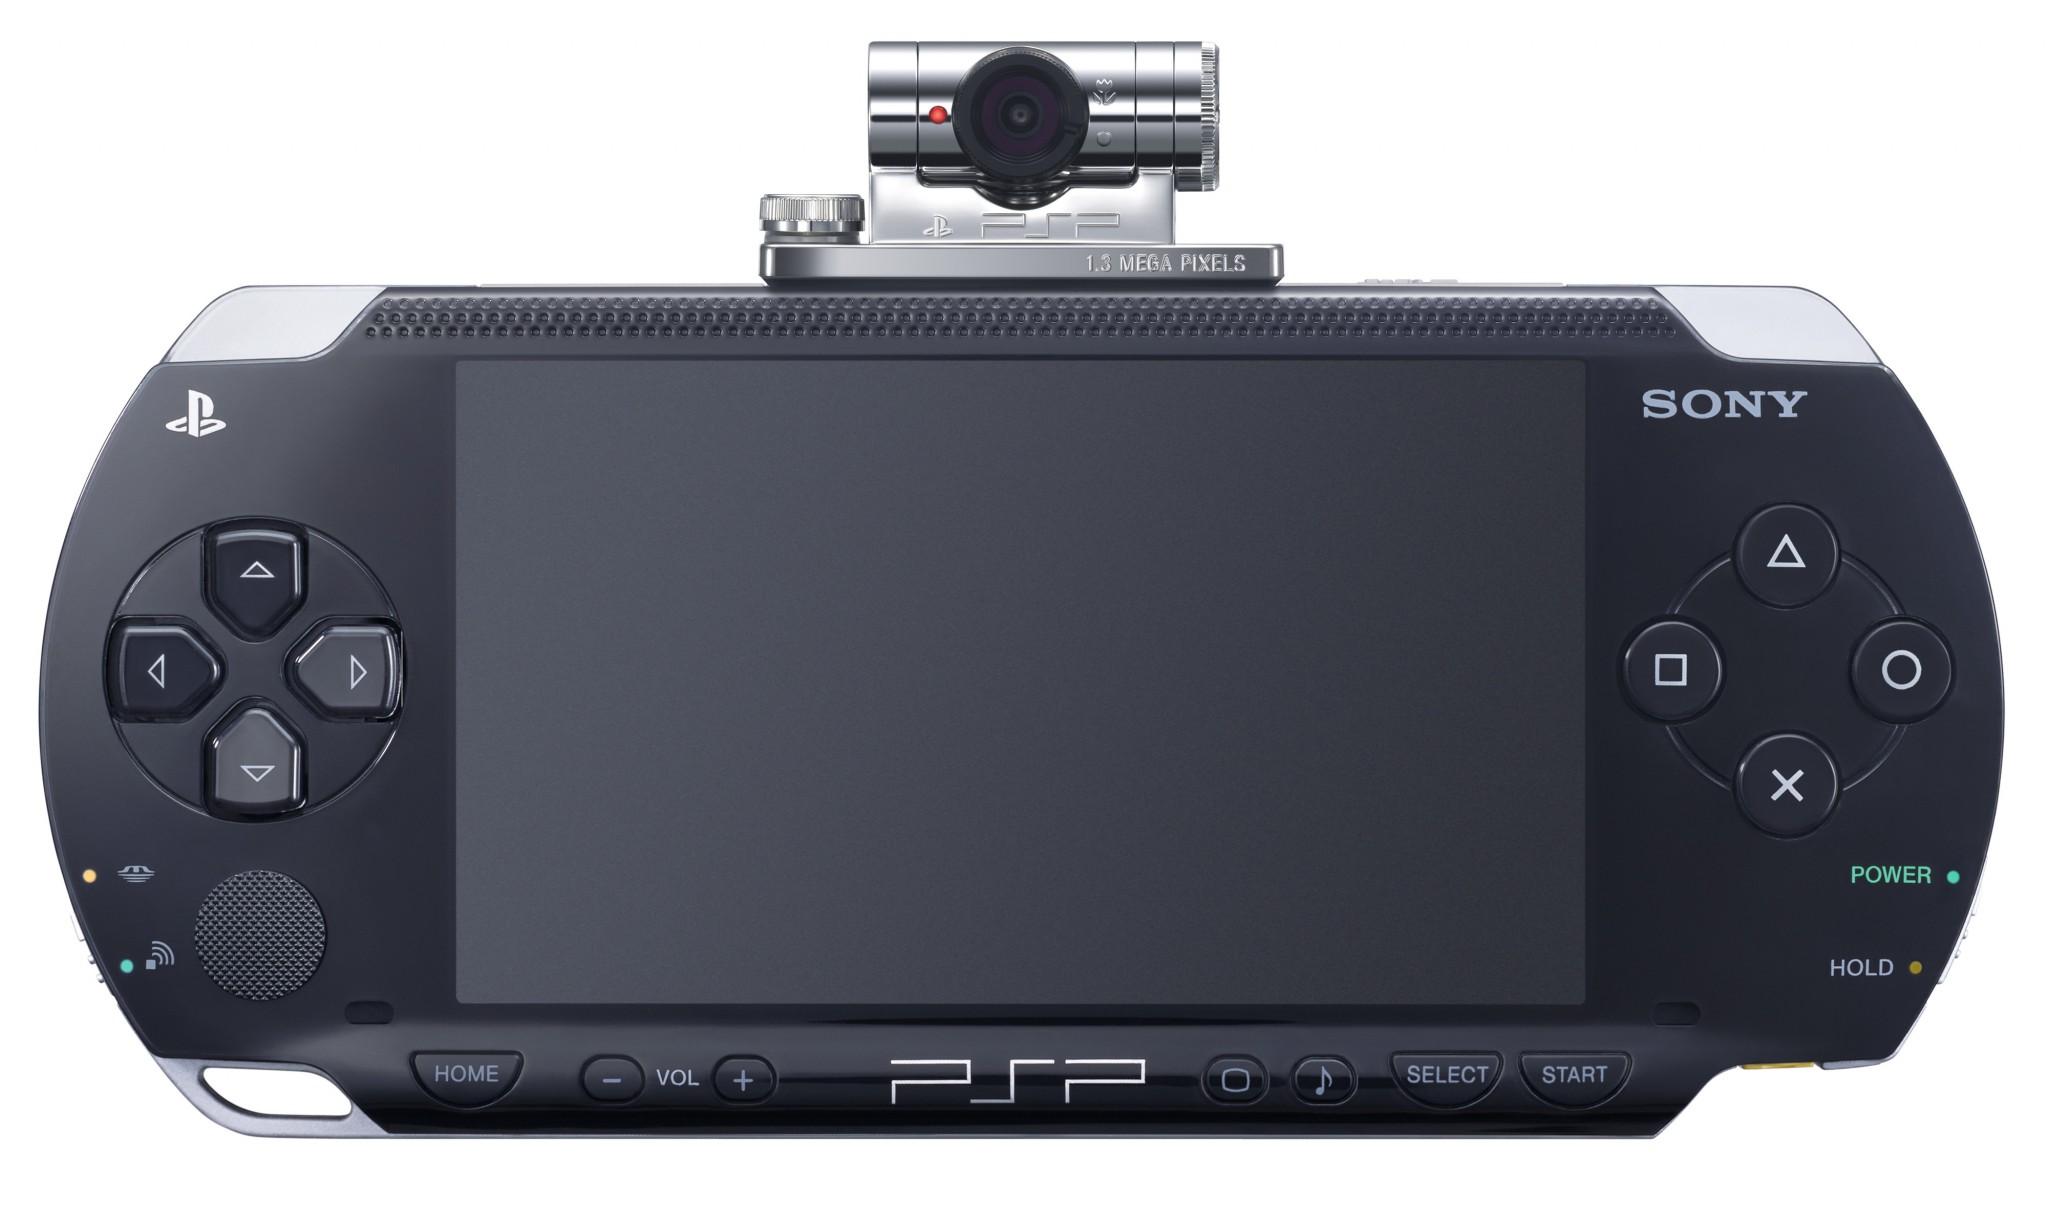 Prvi model konzole - PSP-1000 poznatiji kao PSP Fat sa Go!Cam dodatkom